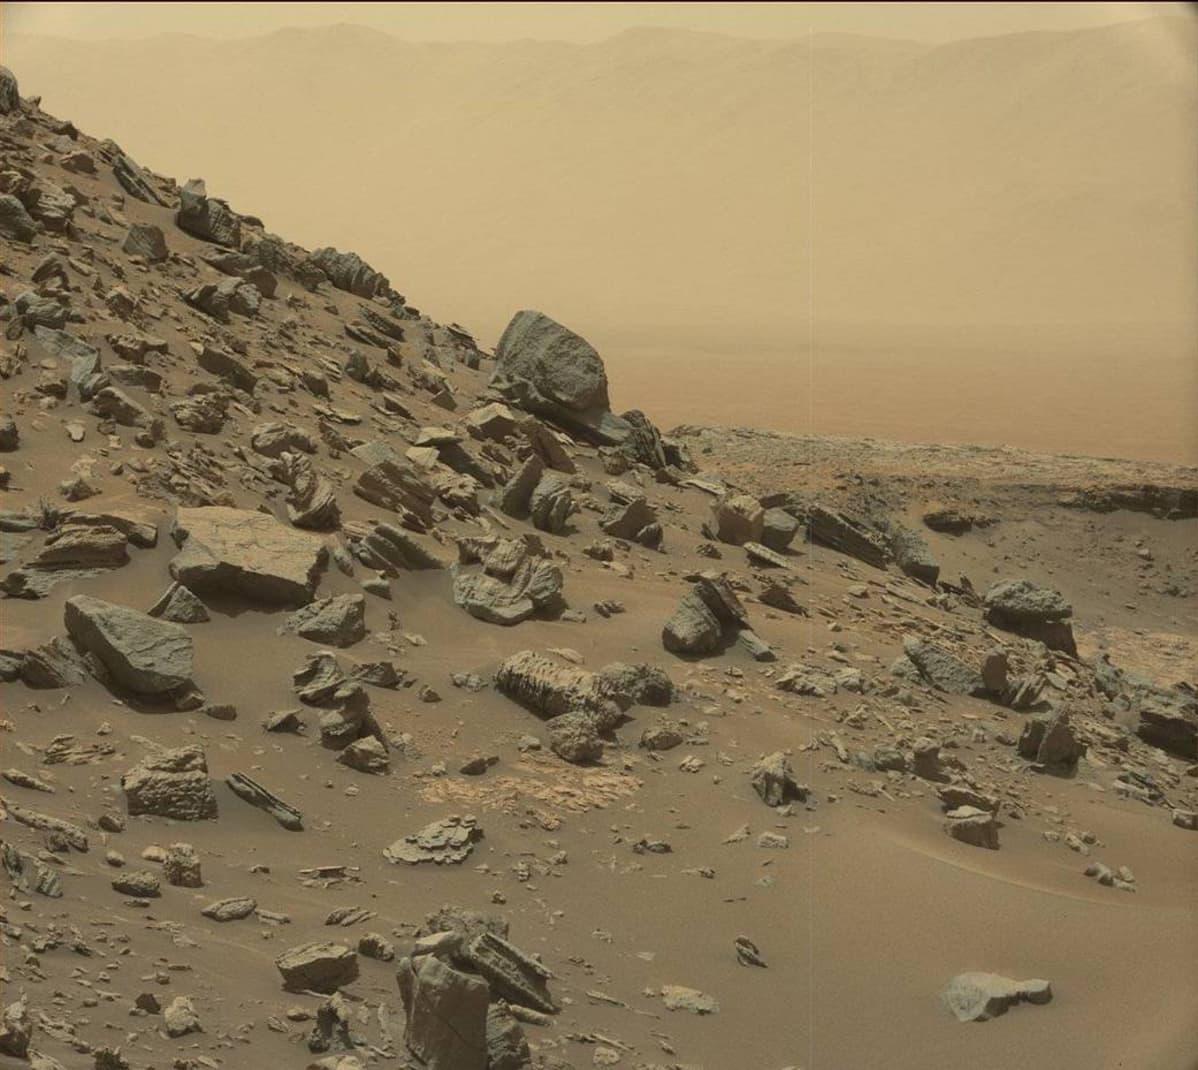 Vuorenrinnettä ja taustalla Gale-kraatteri Sharp-vuoren juurella Marsissa.